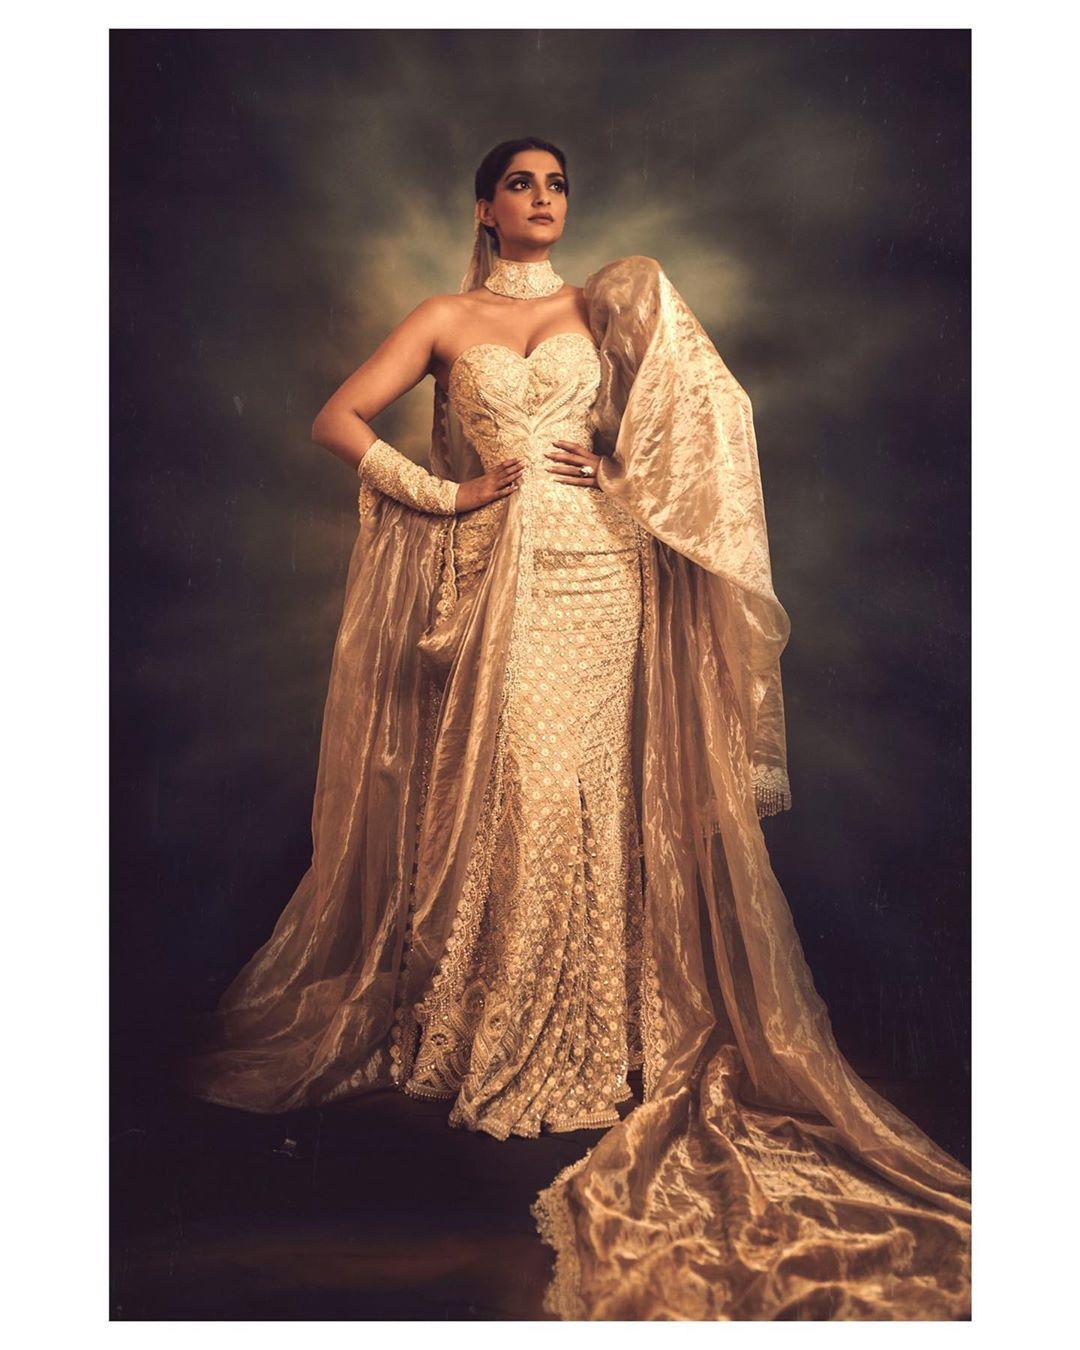 Sonam Kapoor Ahuja Cannes Film Festival 2019 Gold Outfit Abu Jani Sandeep Khosla | Sonam Kapoor Ahuja Cannes Film Festival 2019 Looks